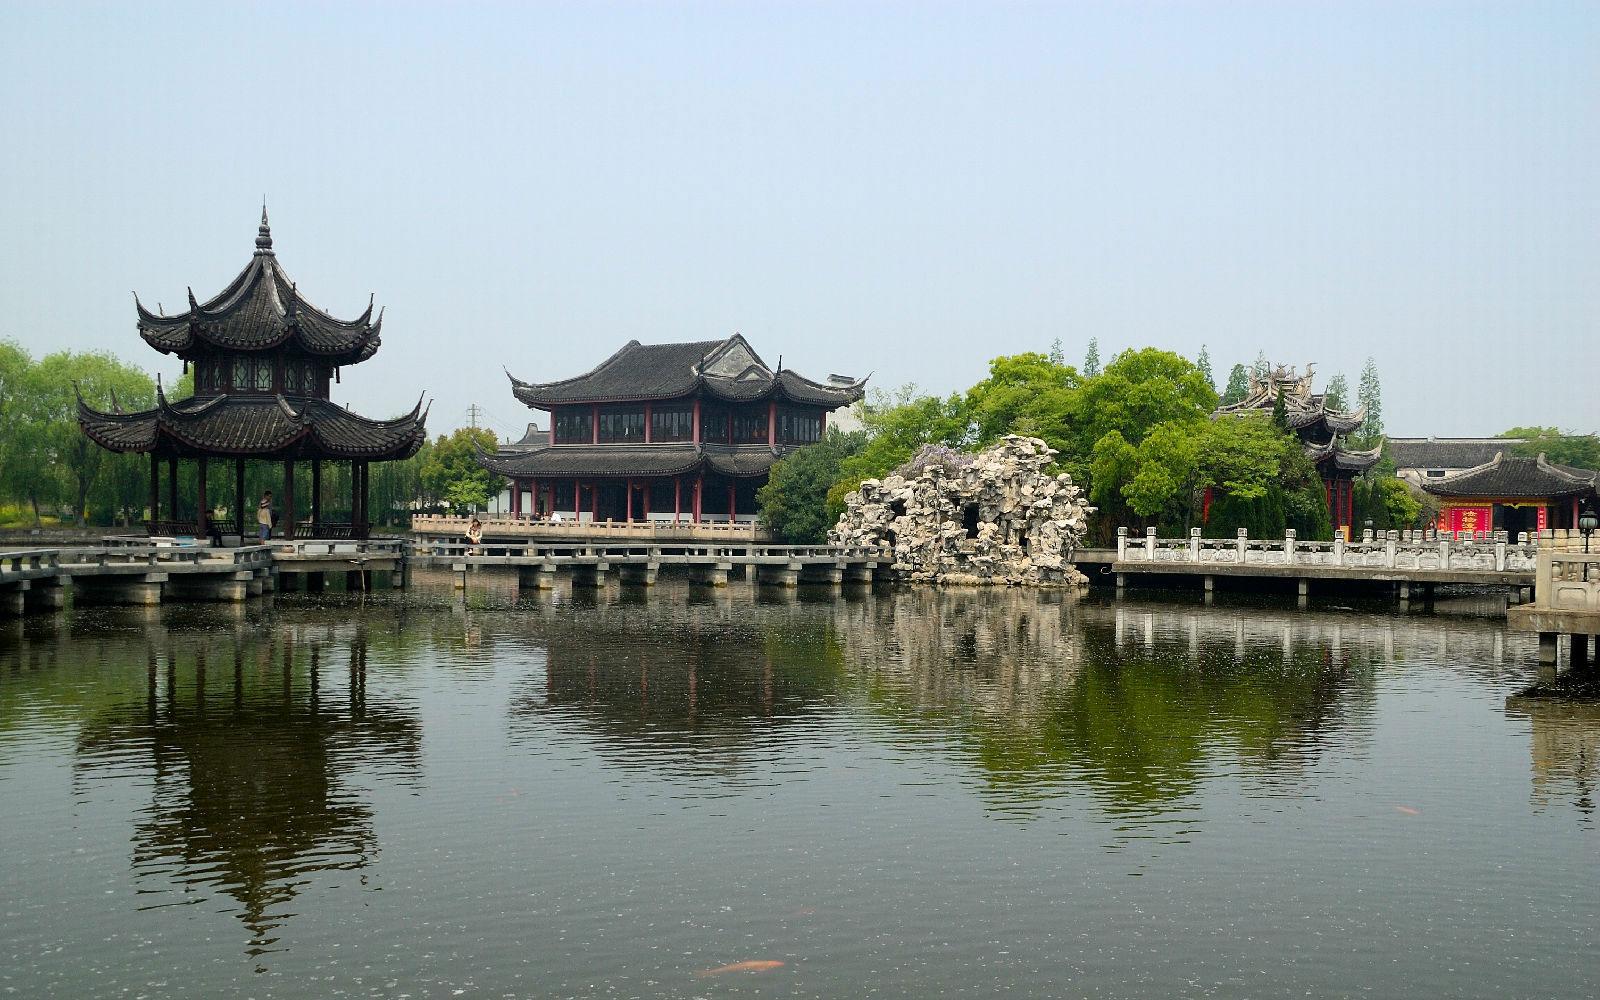 苏州周庄镇图片